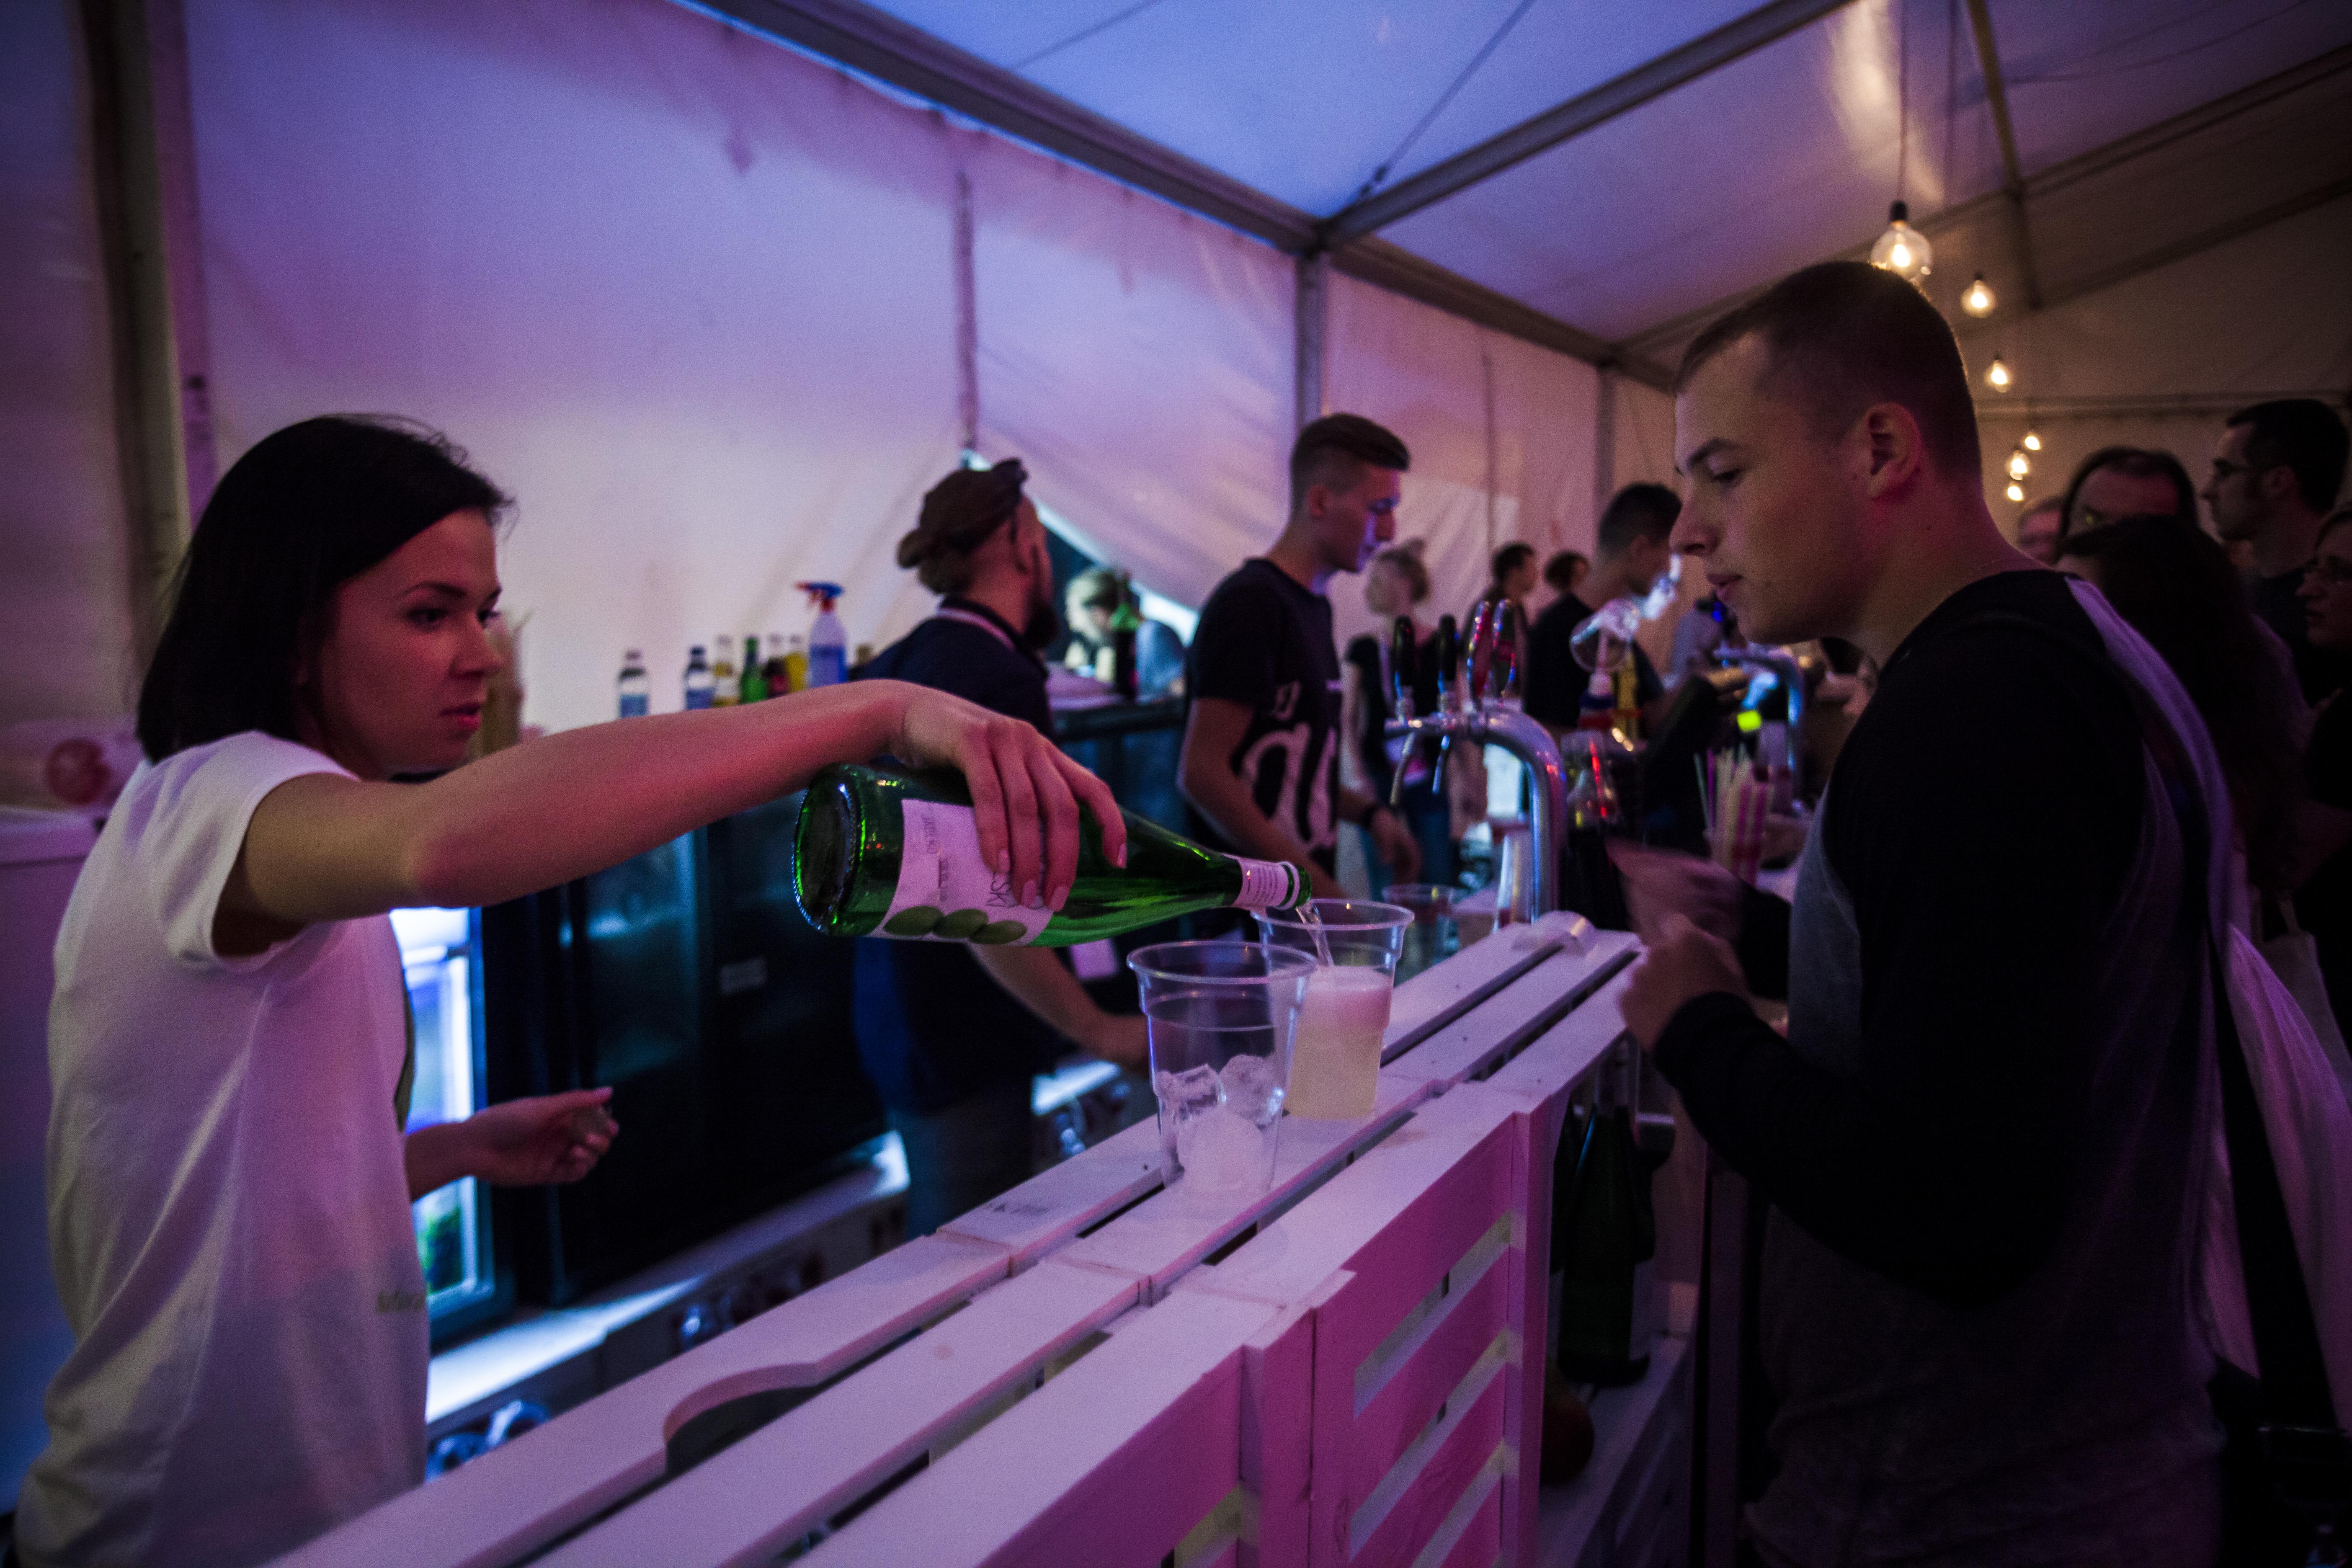 Na zdjęciu widać gości festiwalu podczas zamawiania drinków oraz jedzenia. Na pierwszym planie widzimy panią rozlewającą Cydr Lubelski do szklanek.